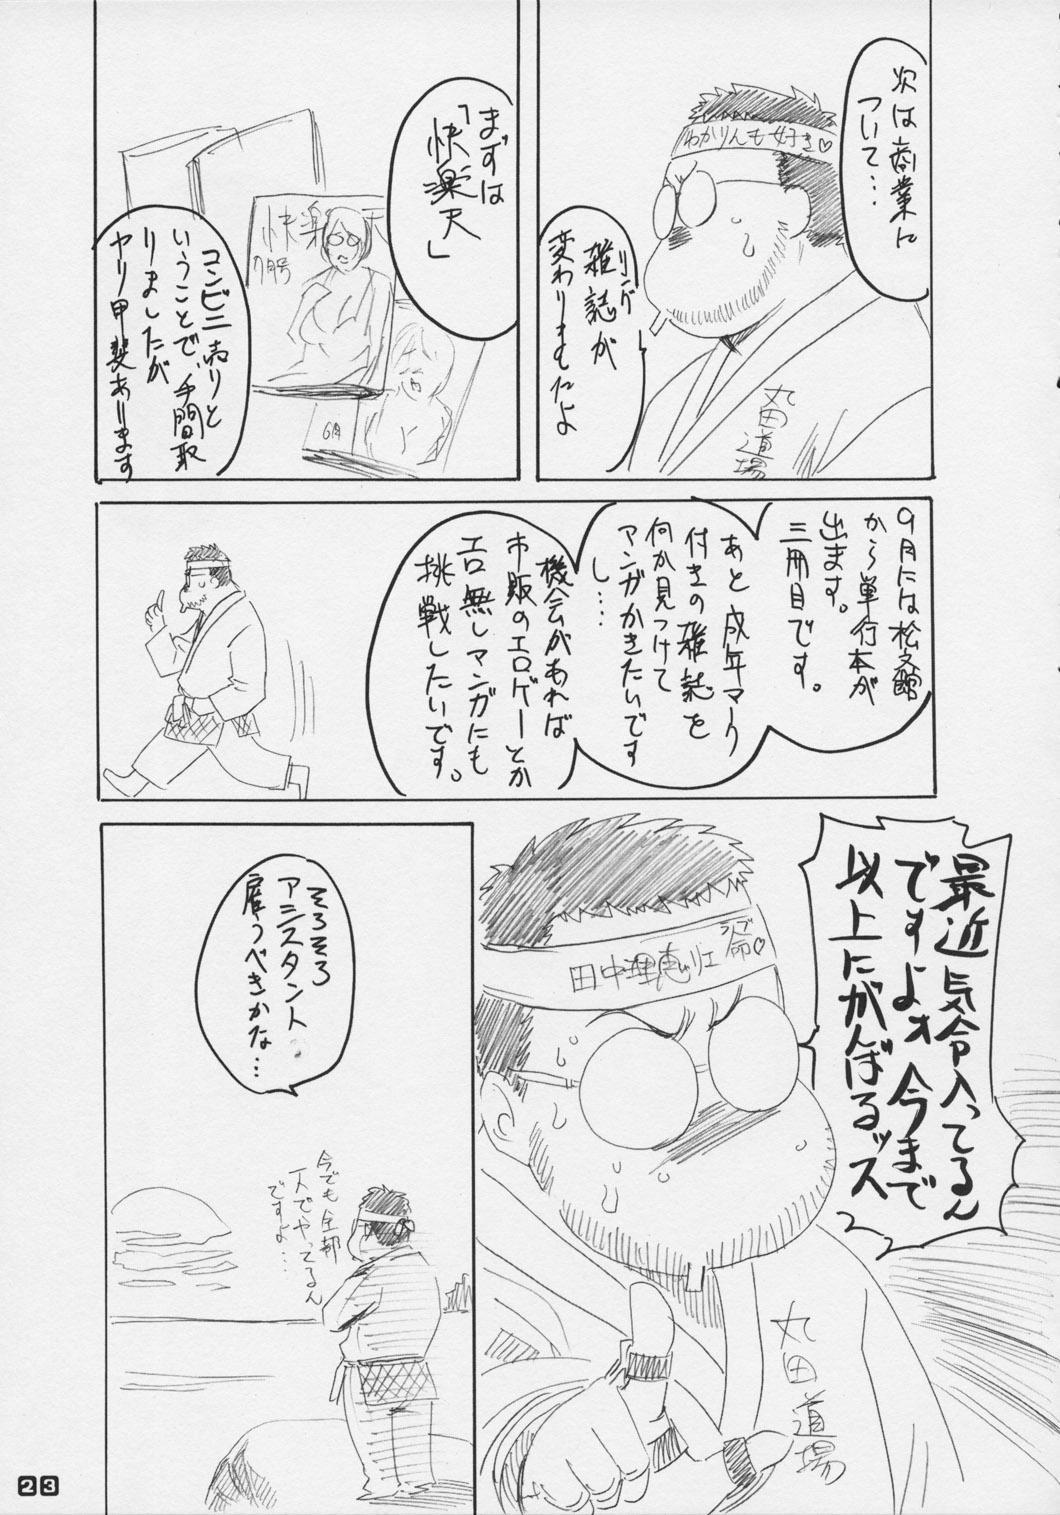 (C64) [MARUTA-DOJO (MARUTA)] Koyomi no Ren-nyu Tappuri Syu-Kuri-mu (Azumanga-Daioh) 22